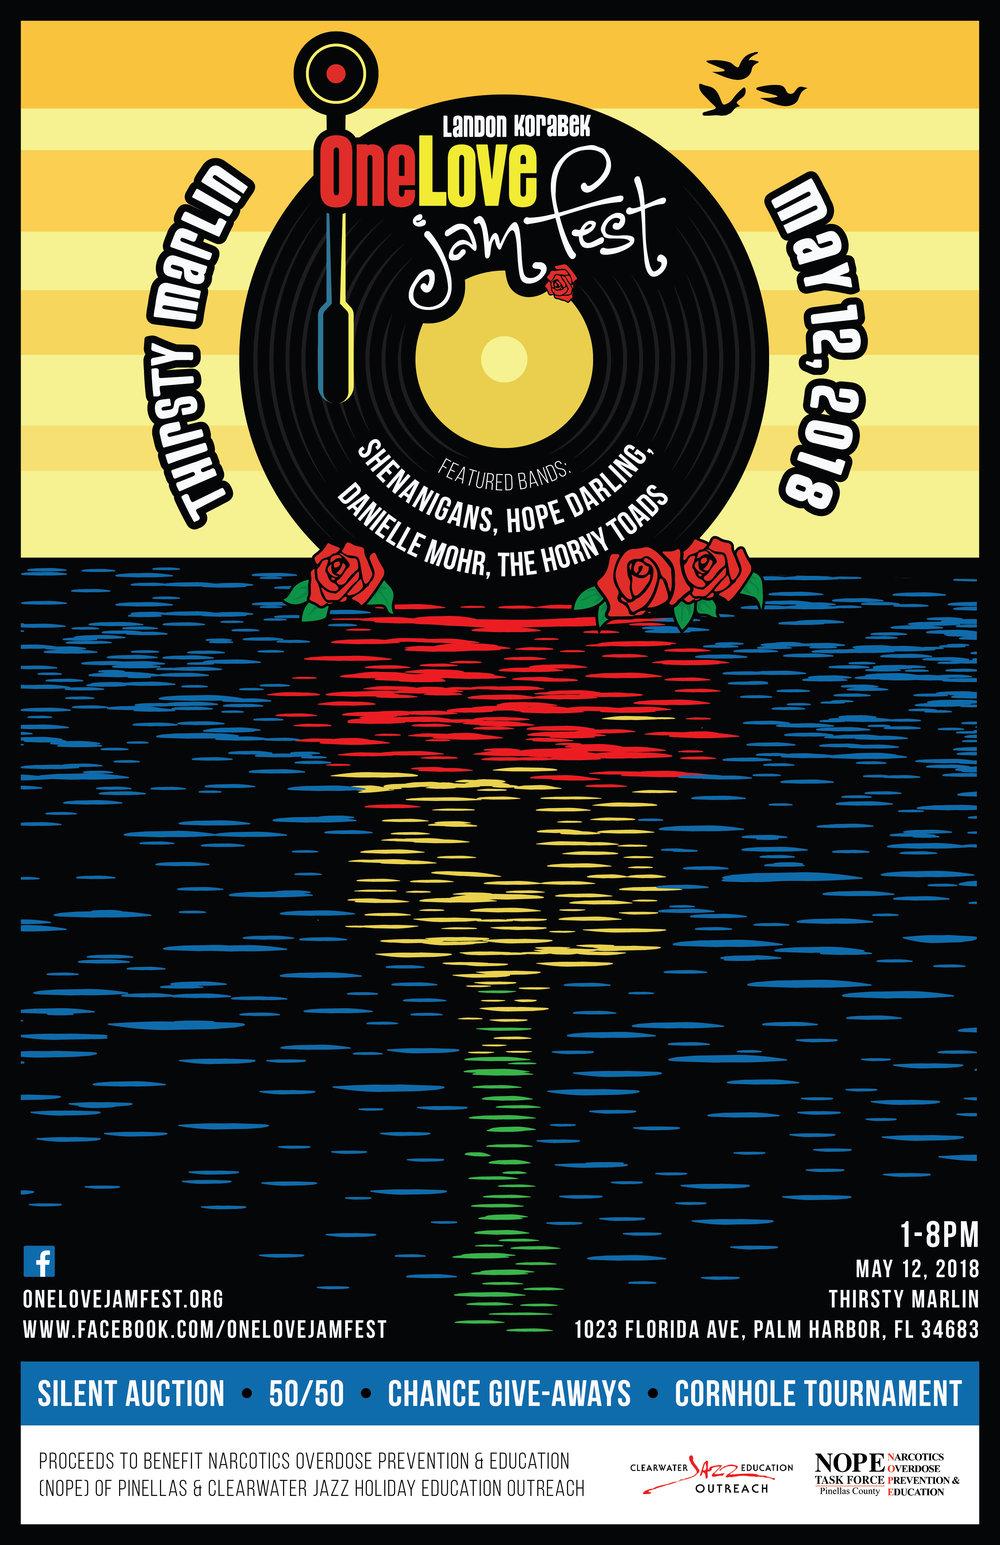 OneLoveJameFest_Poster_HighRes.jpg